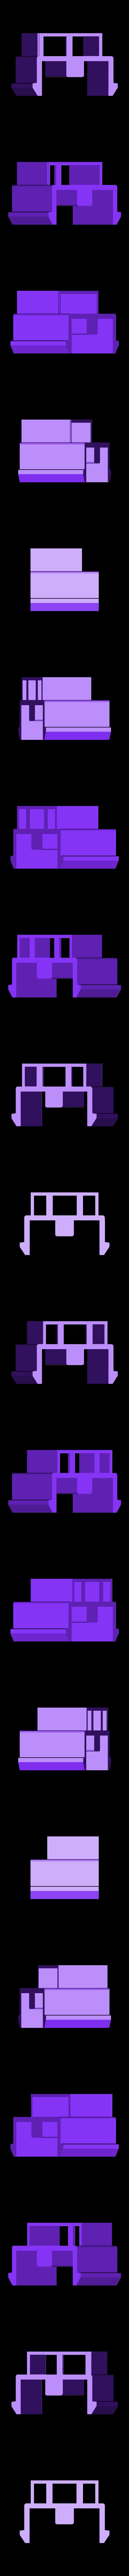 switch_mount.STL Télécharger fichier STL gratuit ender 3 auto power off • Modèle imprimable en 3D, jurgistasinas